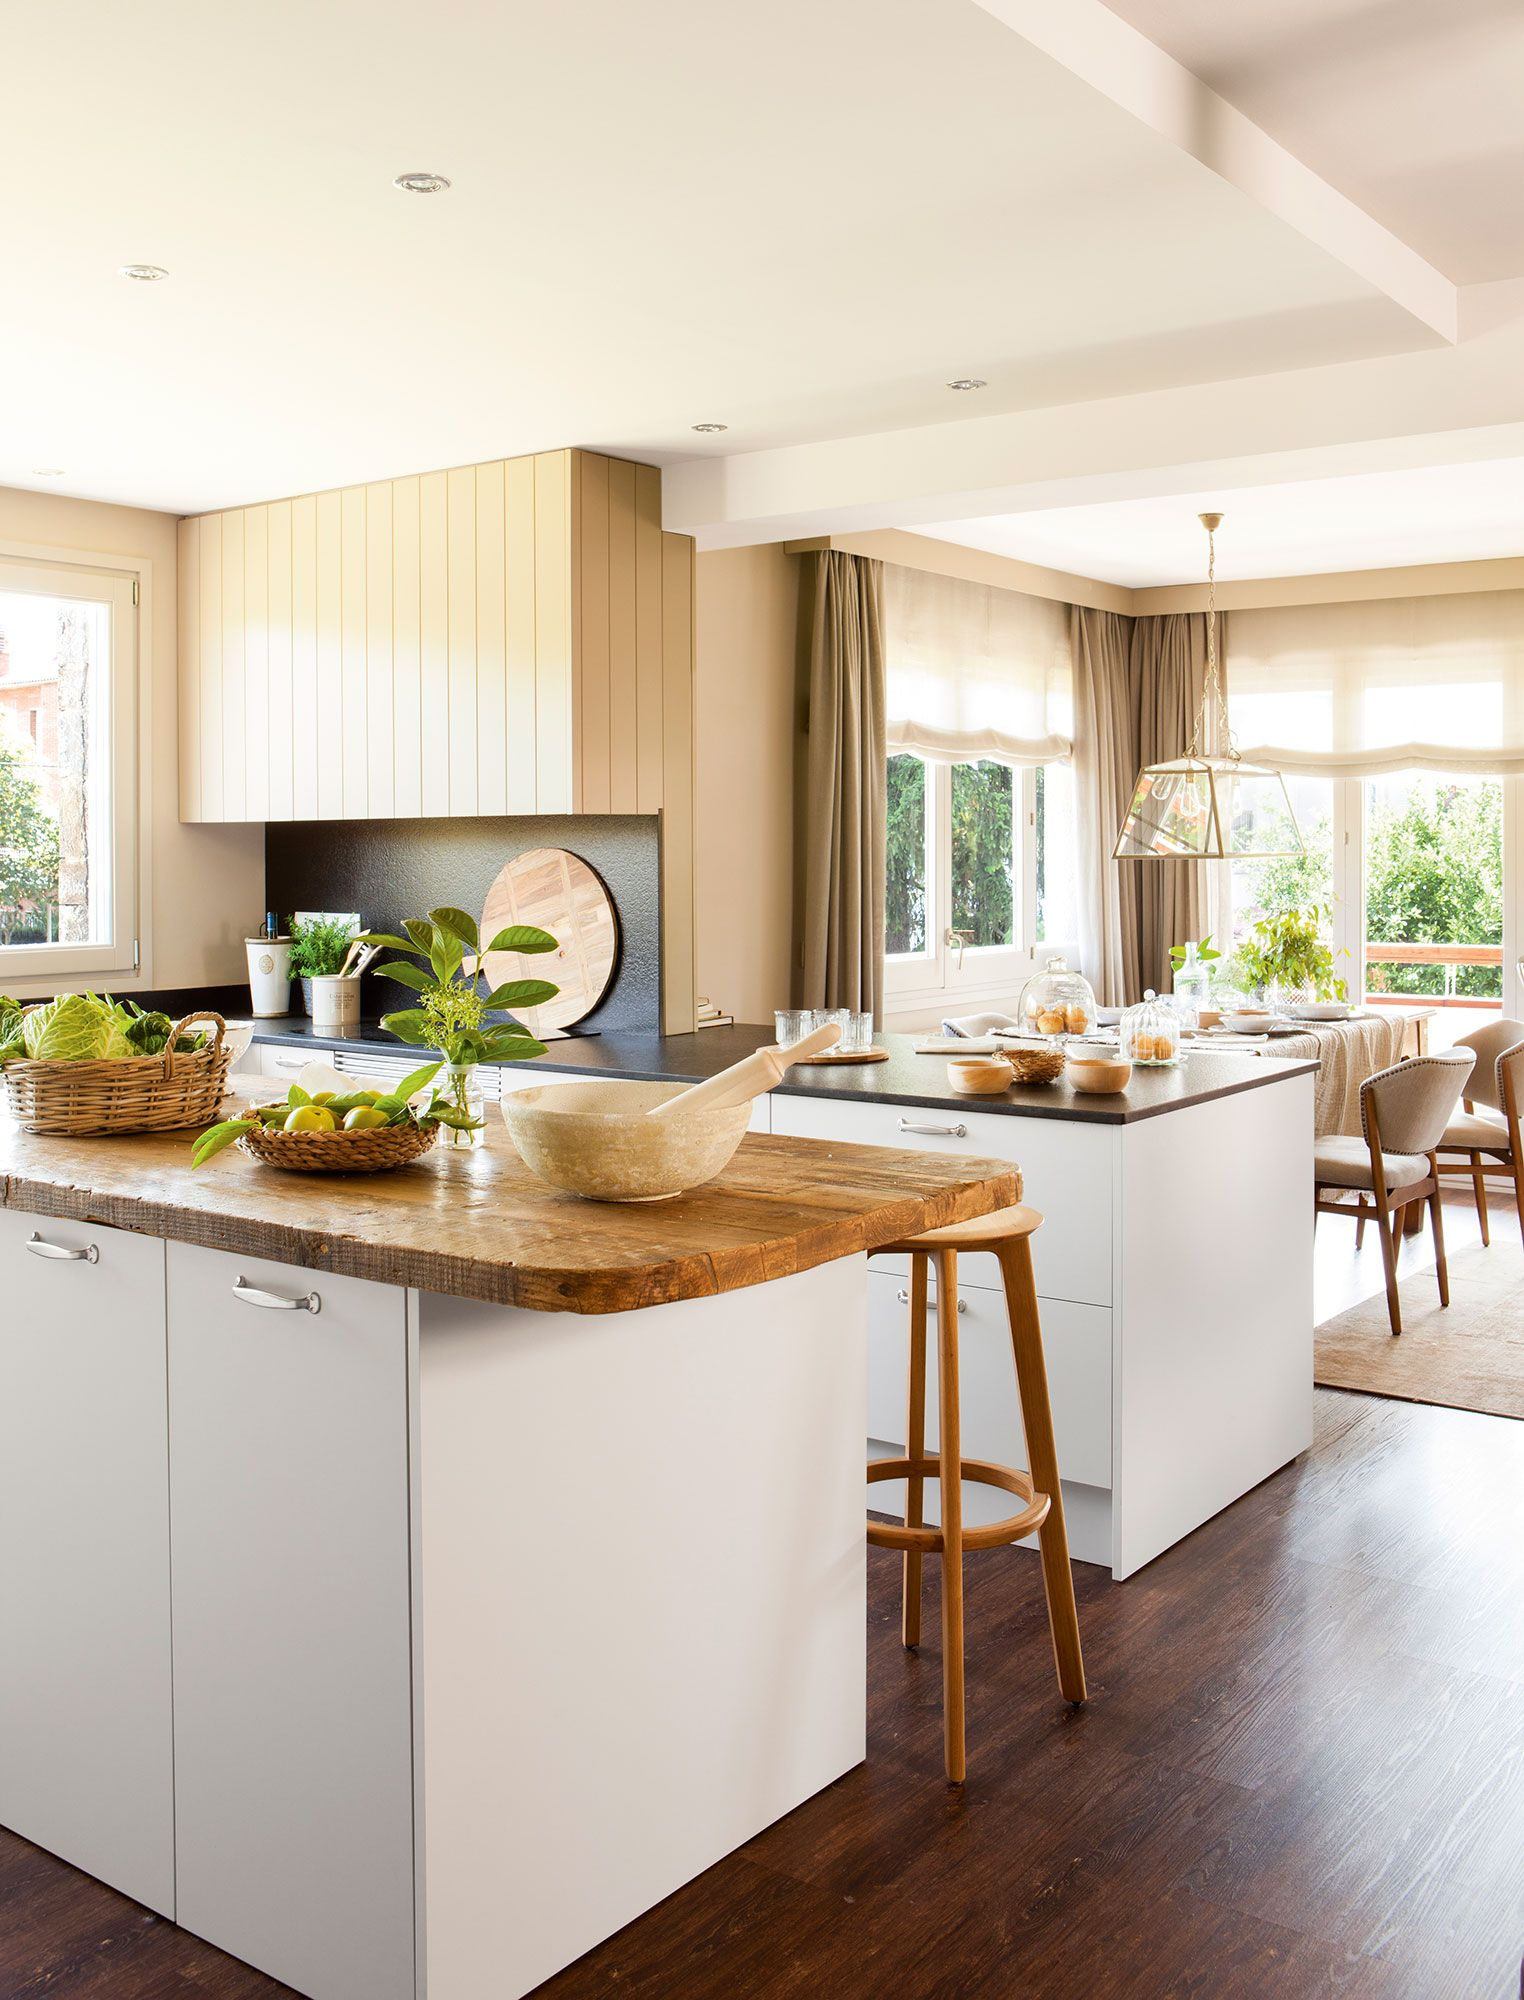 Cocina abierta al comedor con muebles en blanco y encimera - Cocina comedor integrados ...